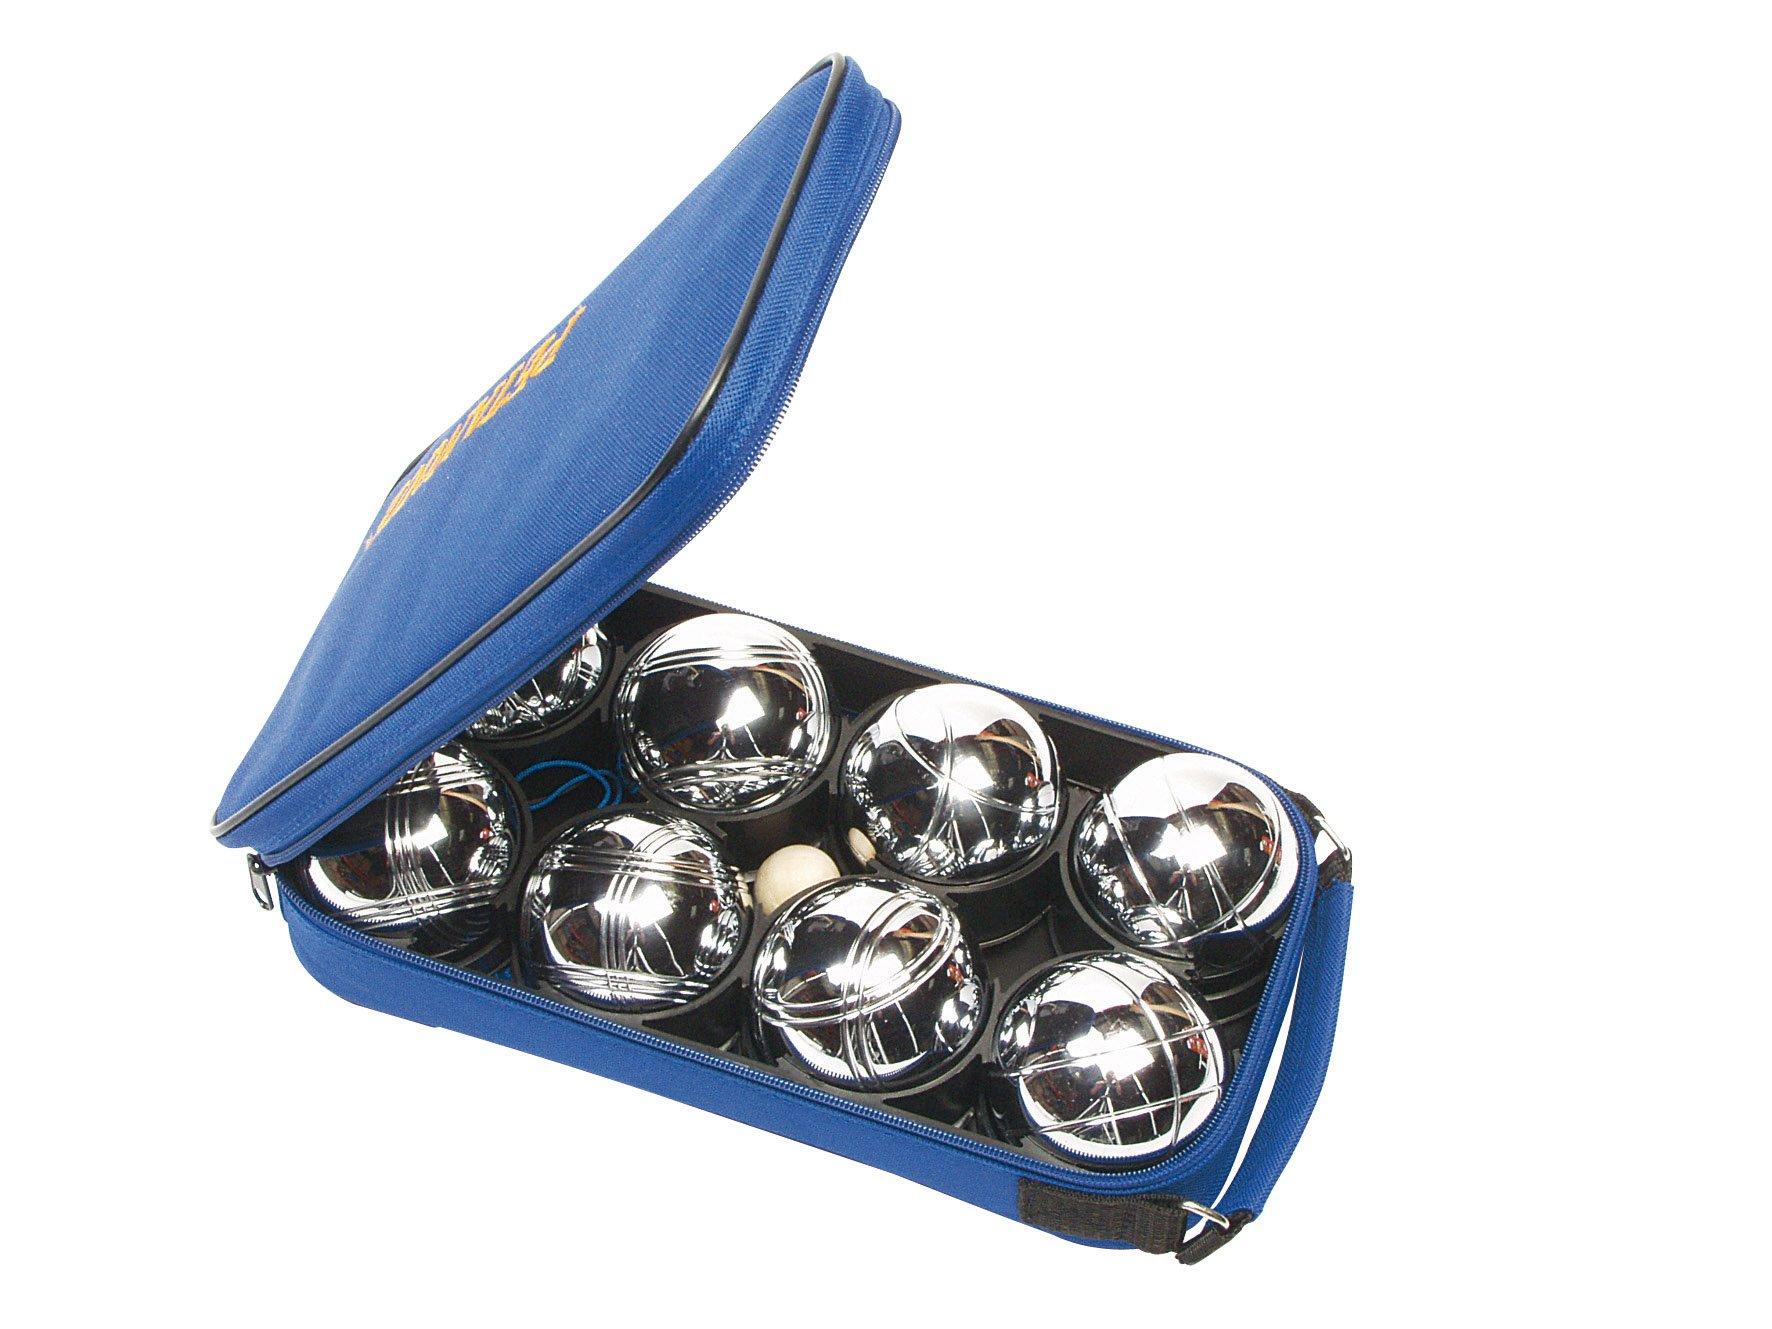 8 Boules Pétanque Chromées et Sacoche  product image